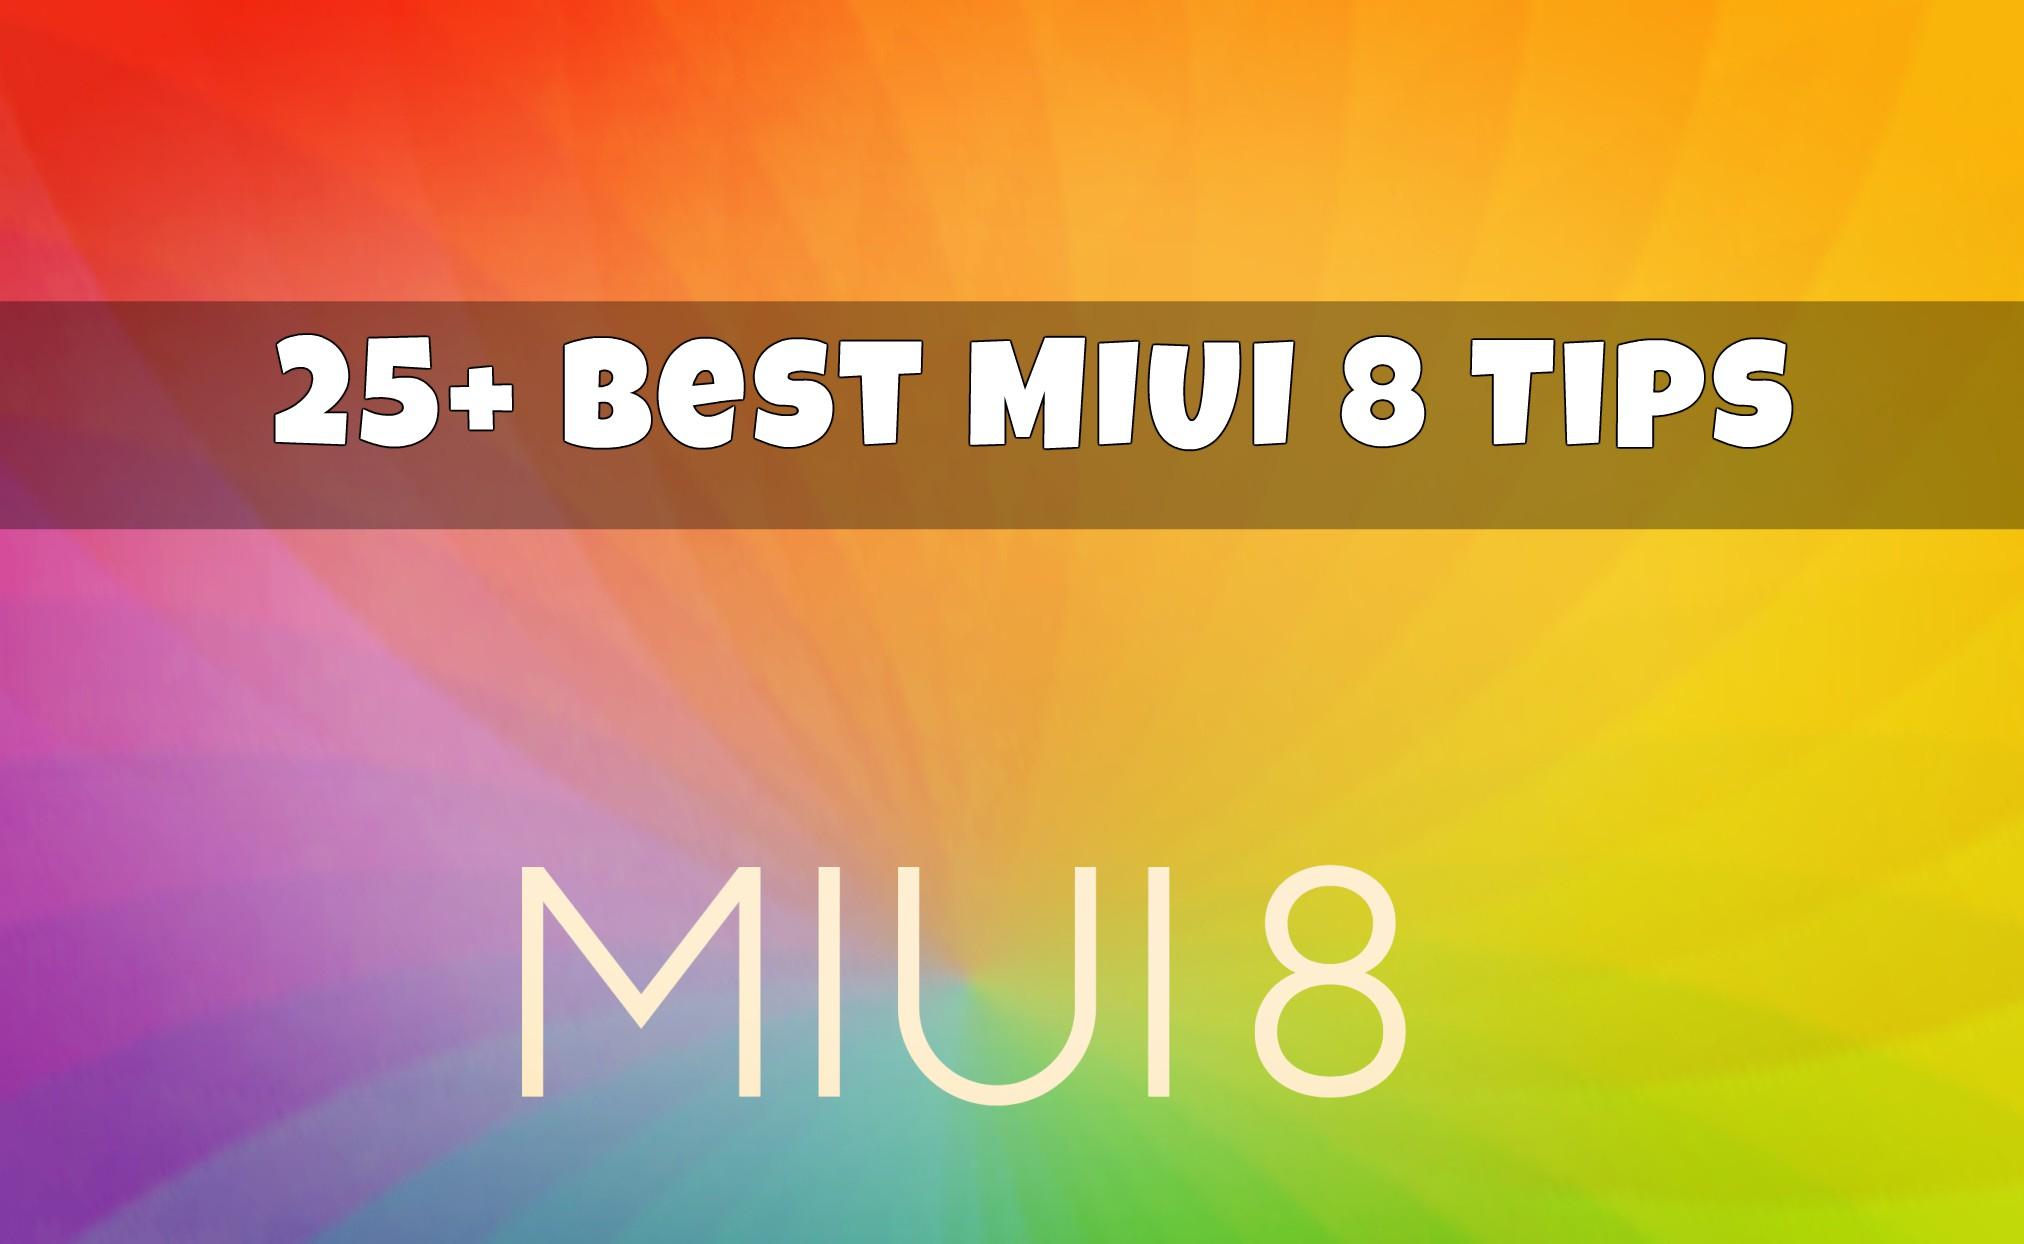 Best MIUI 8 Tips